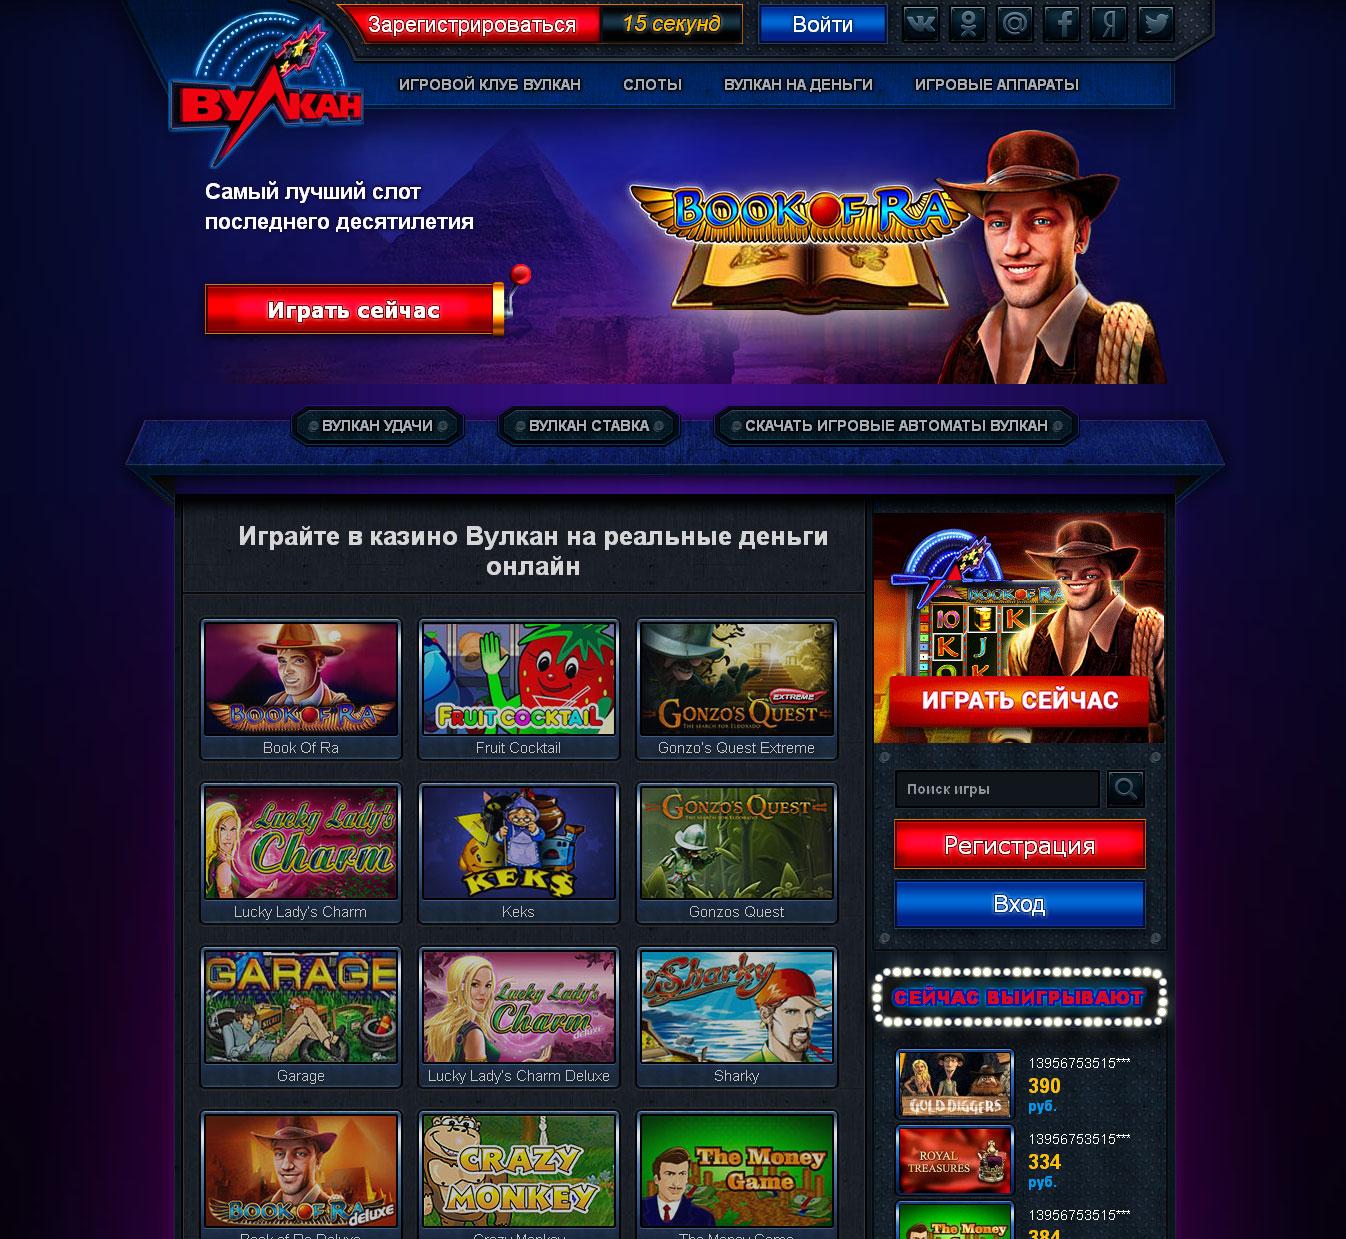 Играйте в казино Вулкан на реальные деньги онлайн